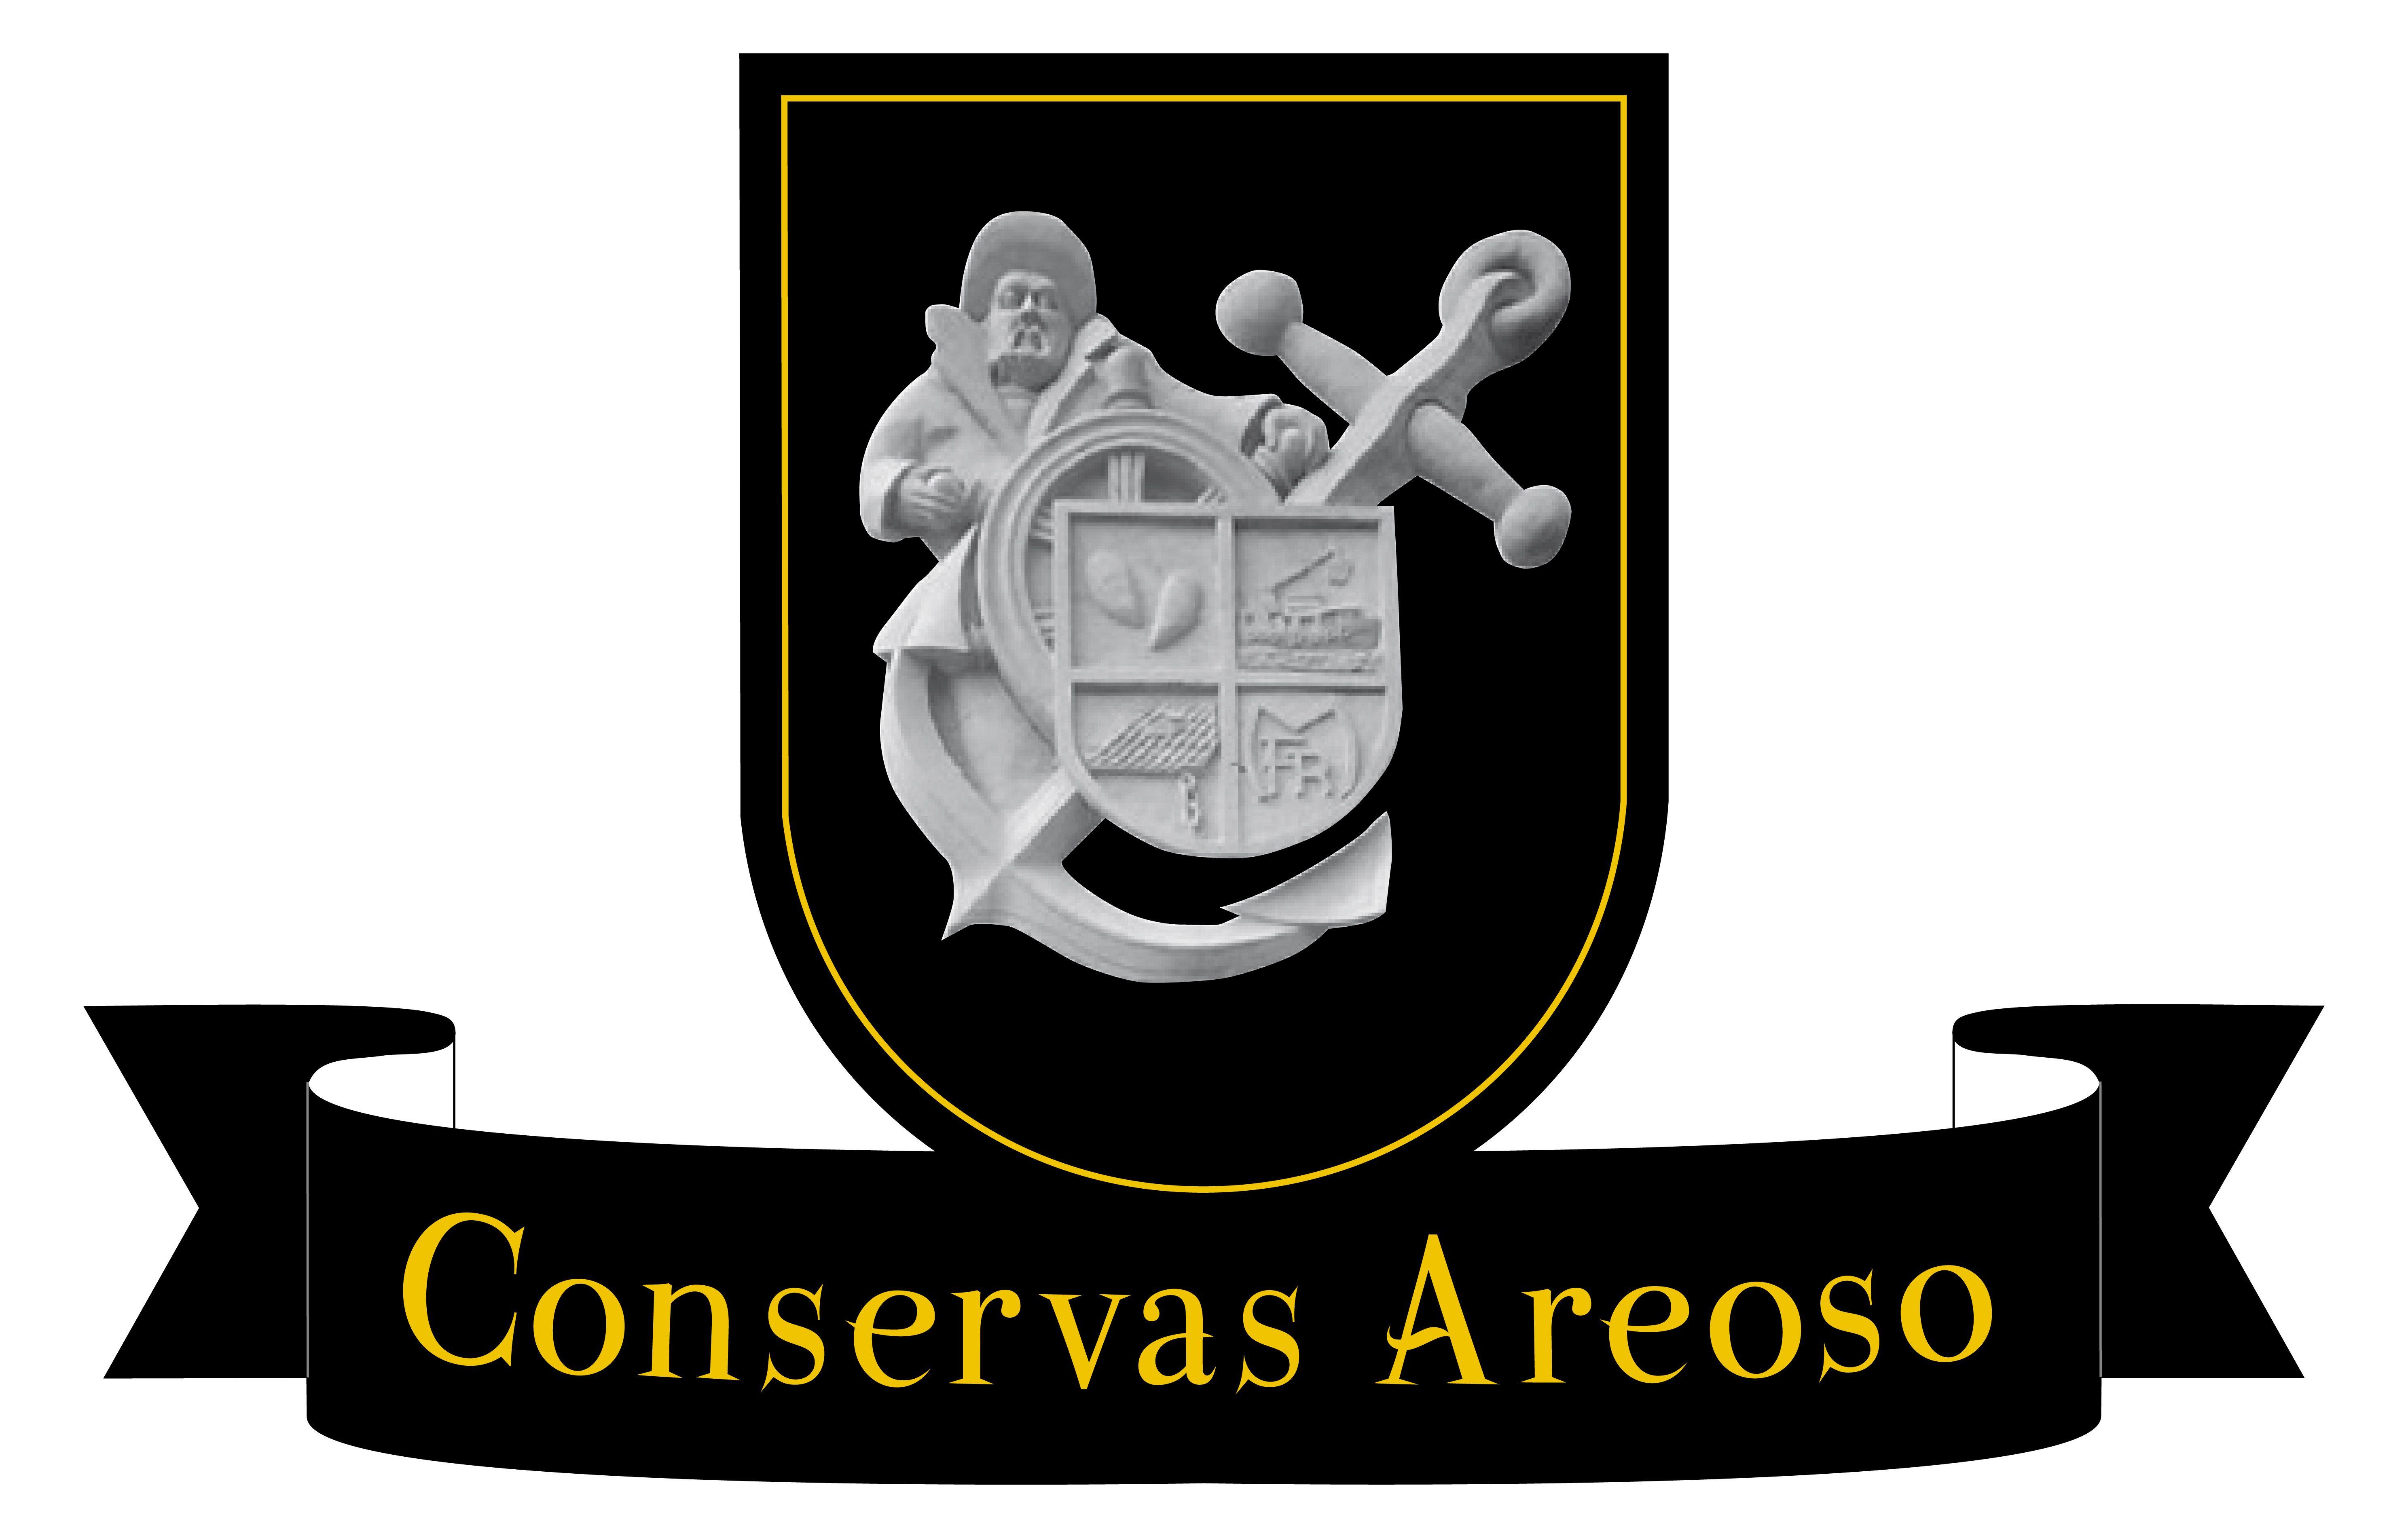 CONSERVAS AREOSO